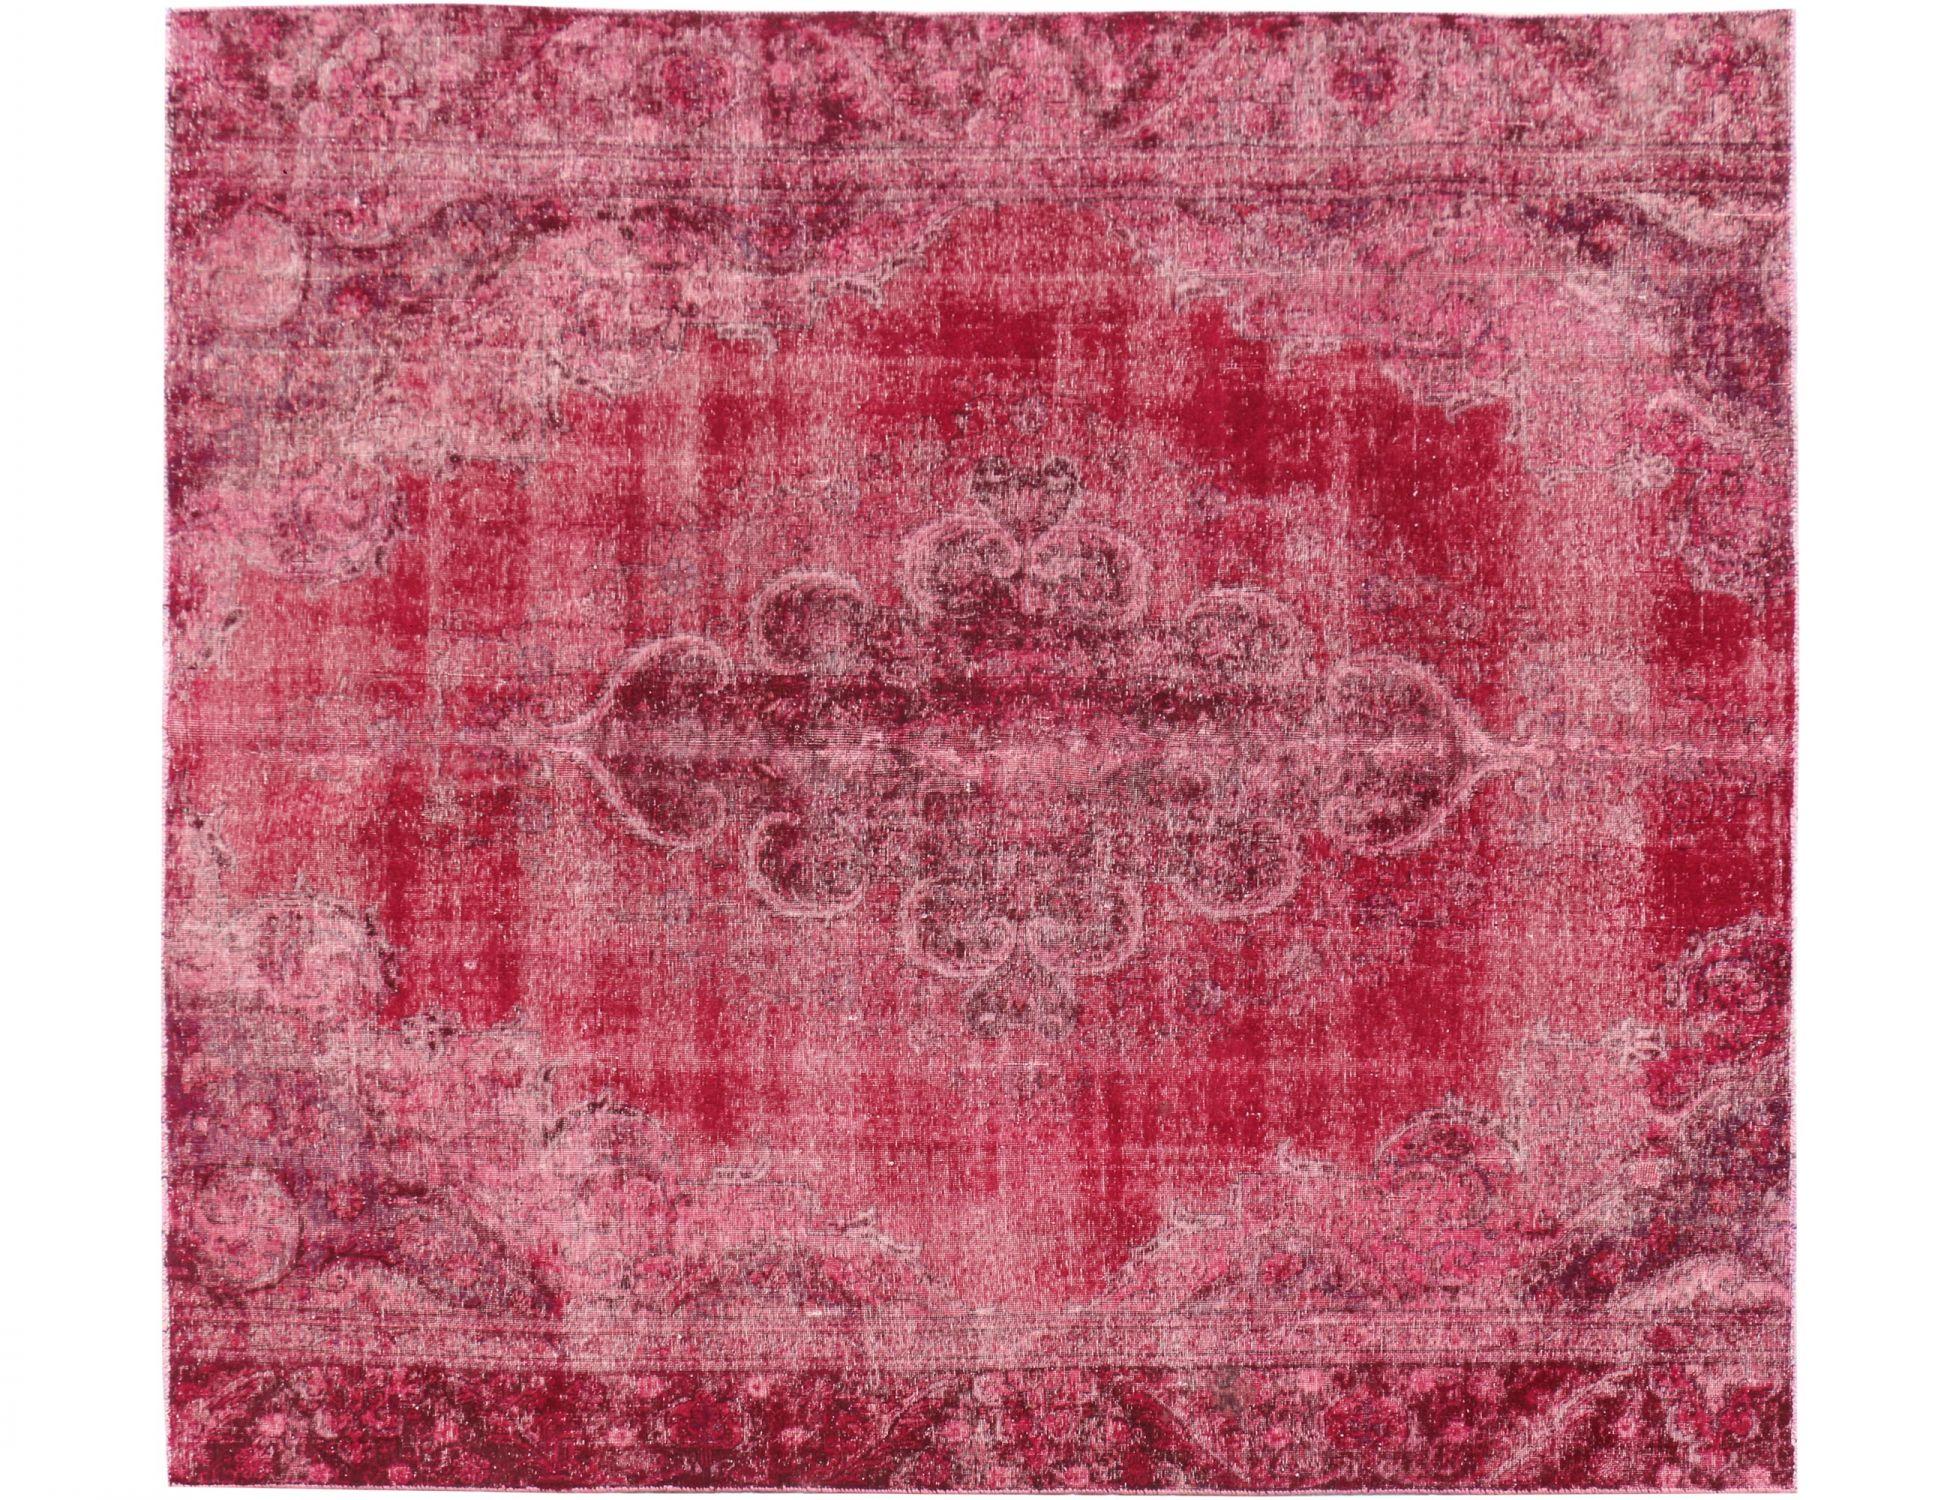 Persischer Vintage Teppich  rot <br/>290 x 270 cm